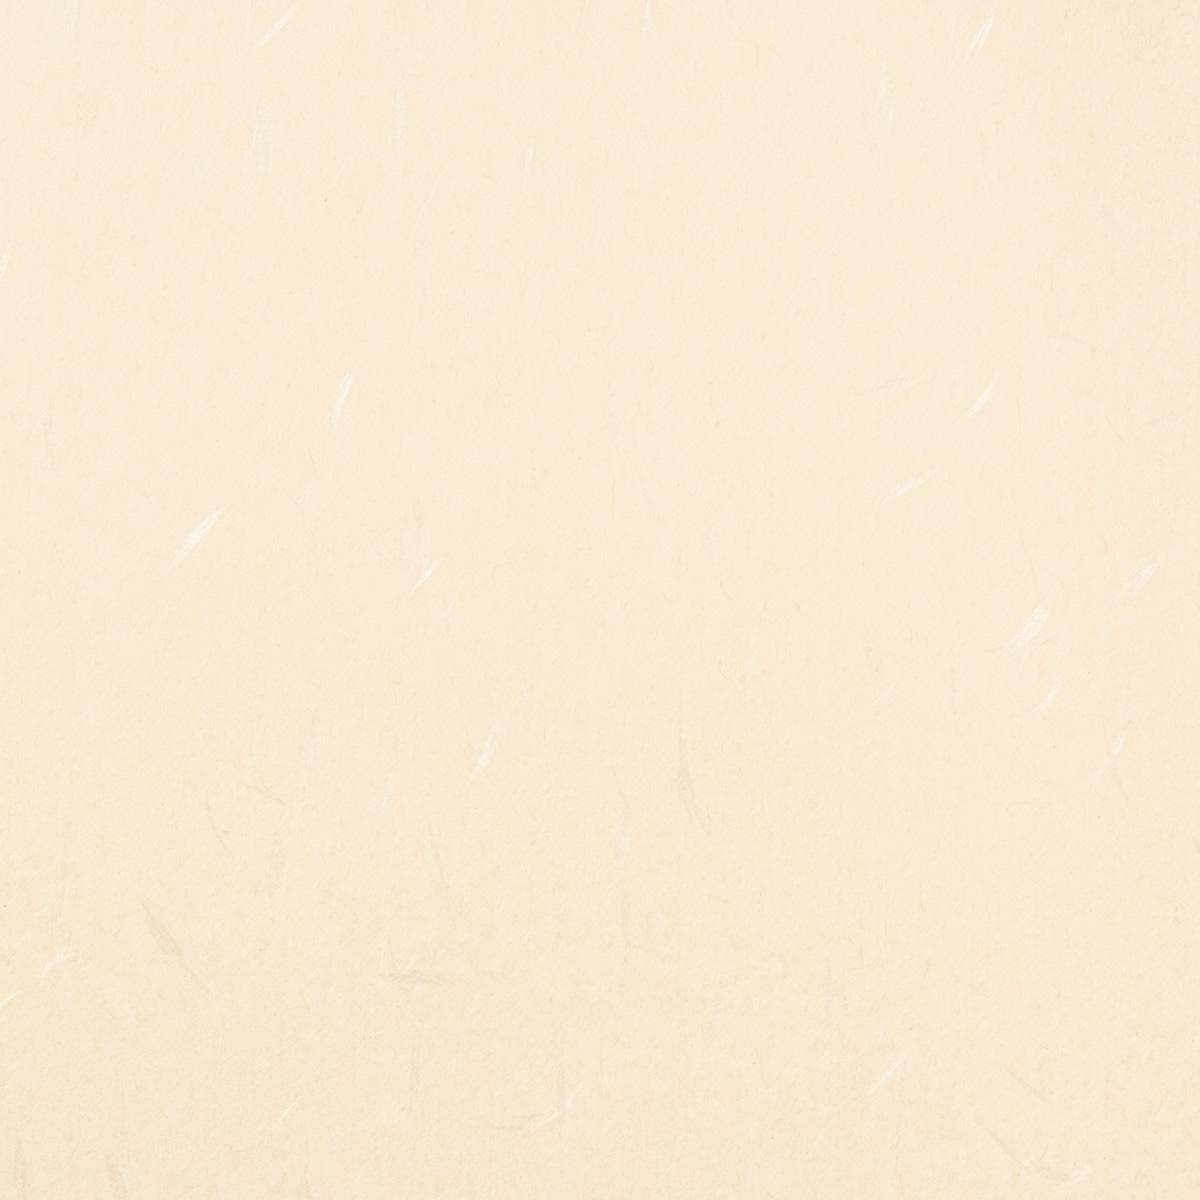 月華ニューカラー B4サイズ(50枚入) No.4 ベージュ